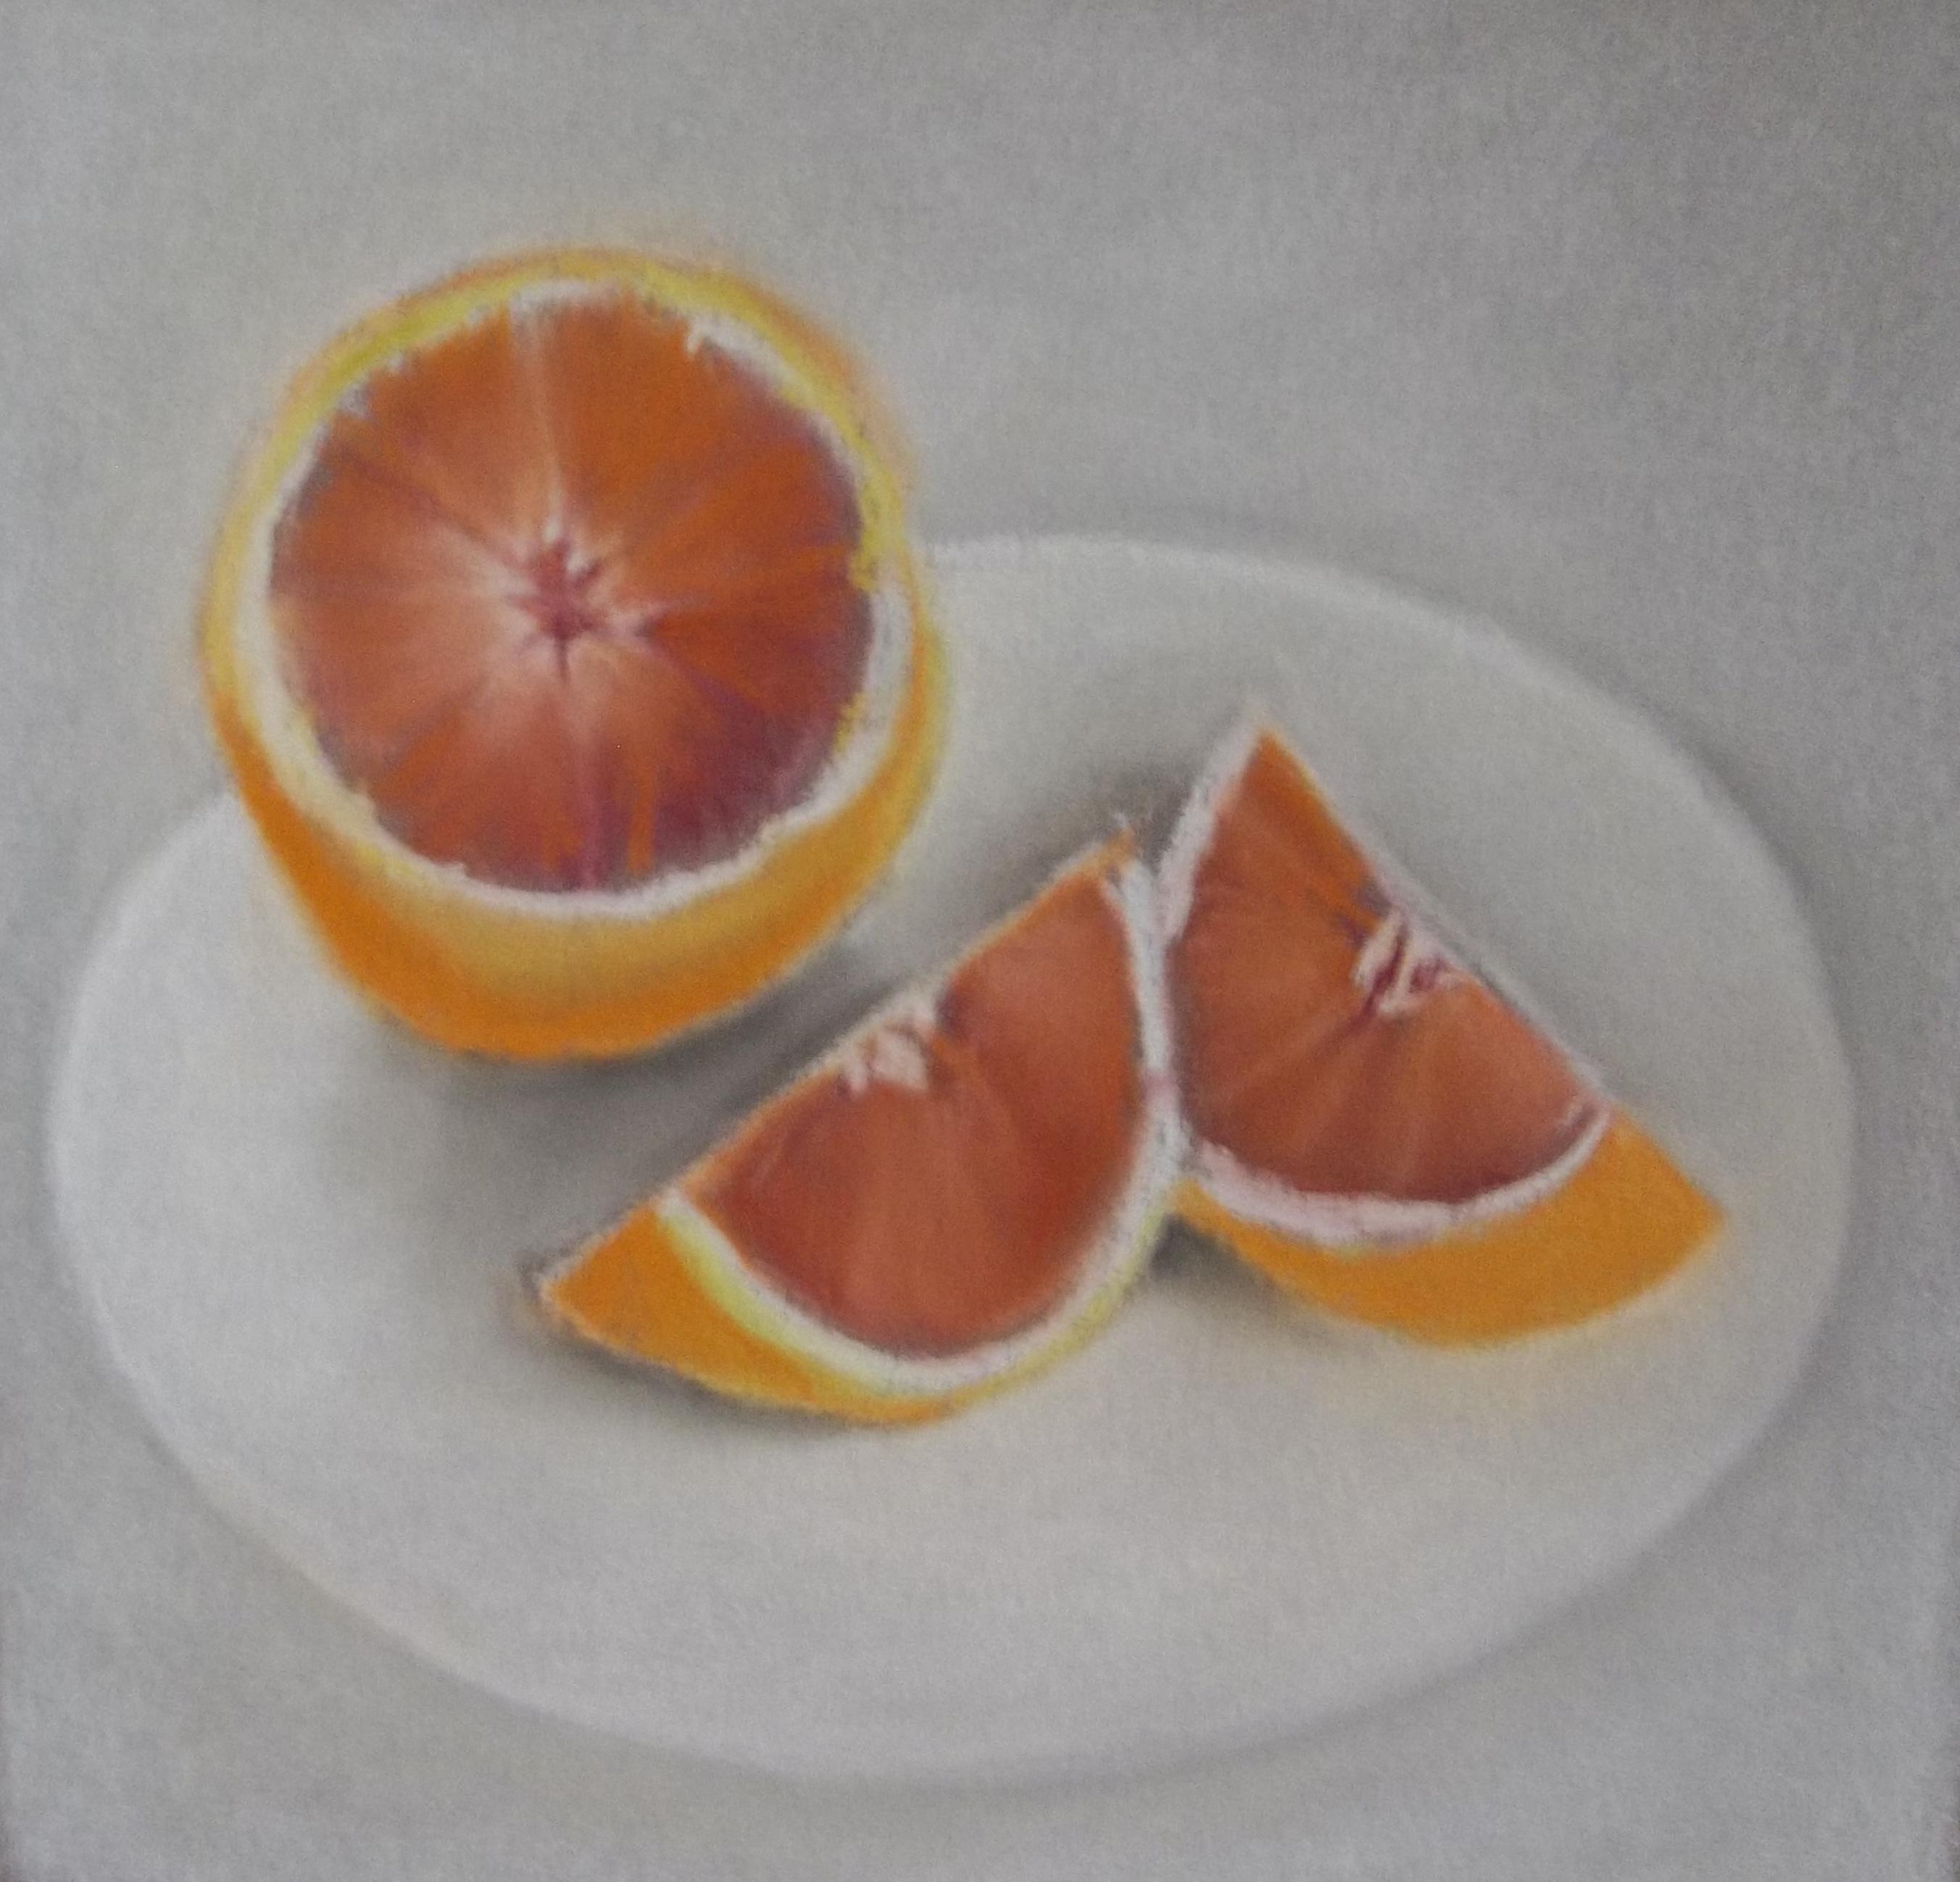 Blood Orange I